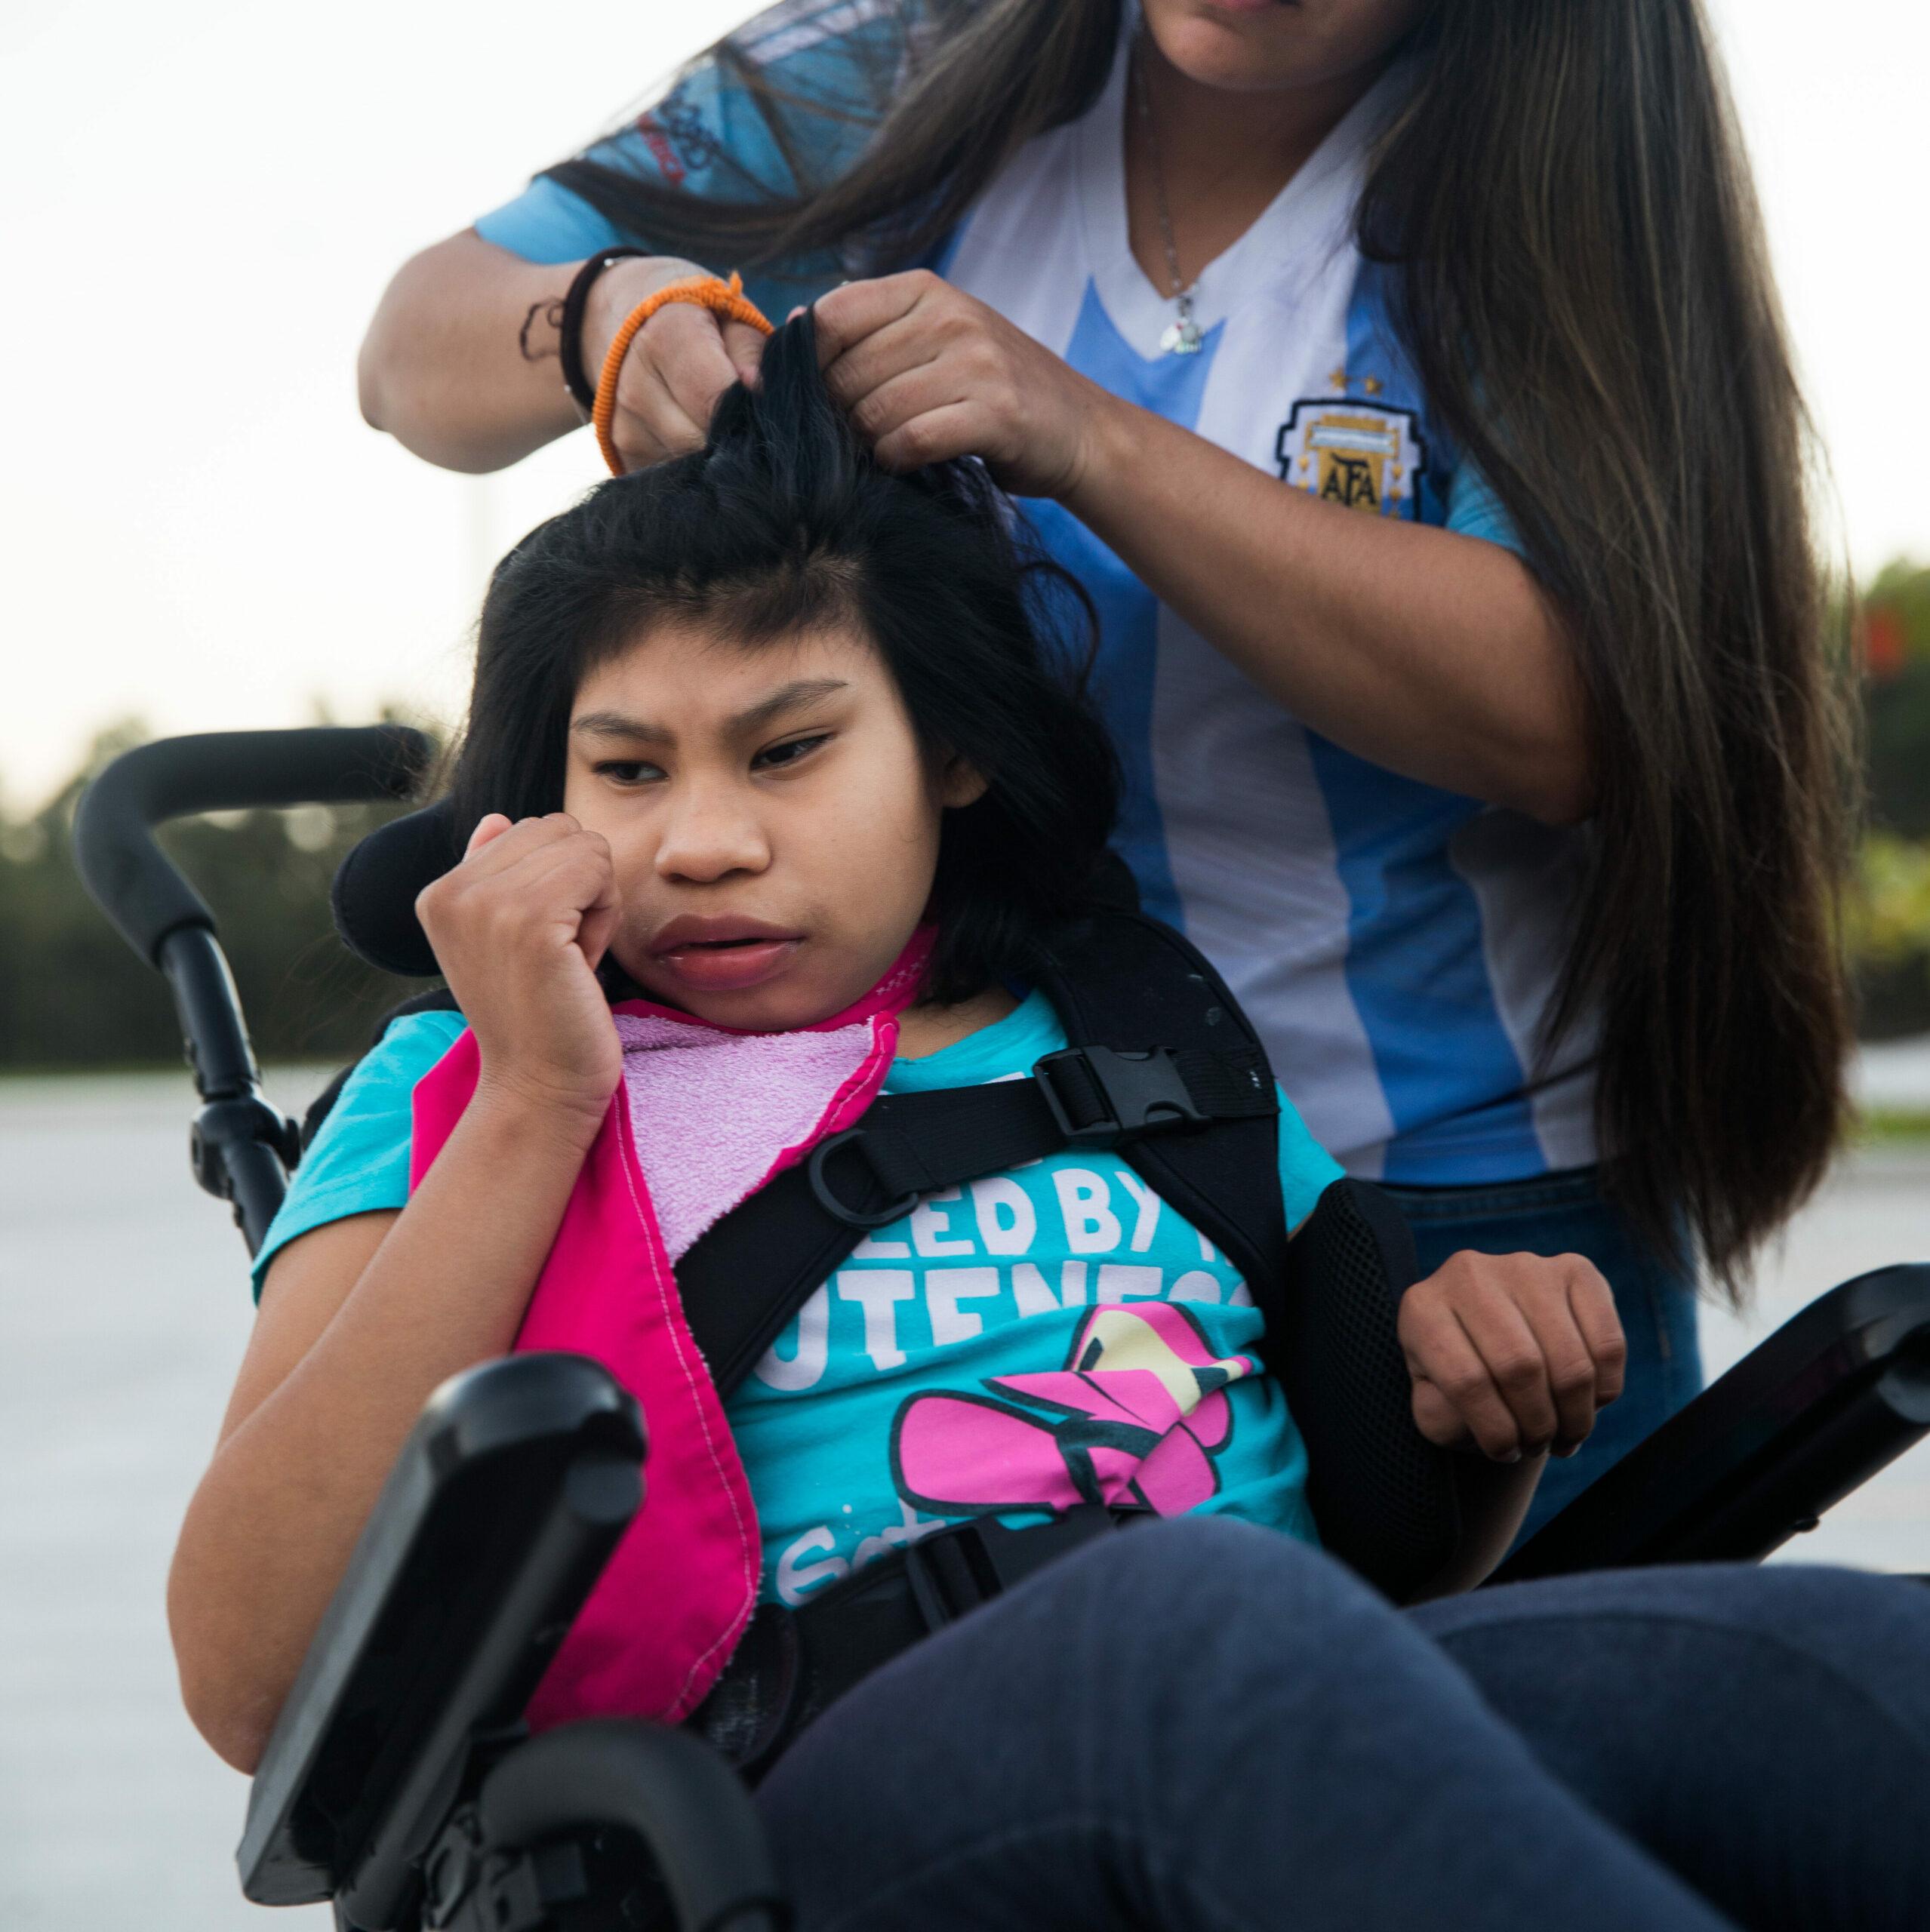 Ein Kind imRollstuhl erhält eine Frisur von einem anderen Mädchen.